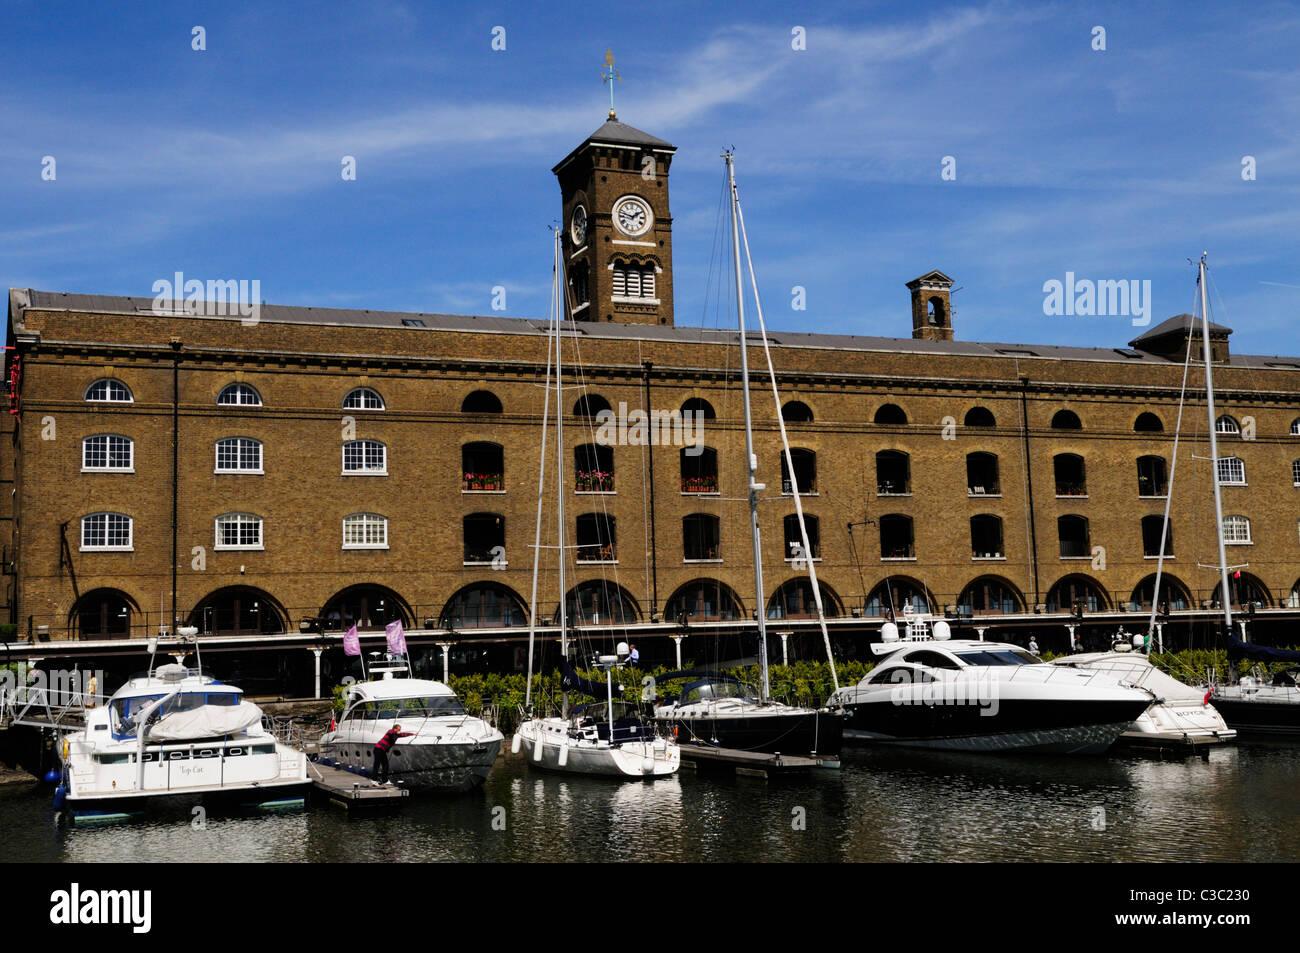 St Katharine's Dock  Marina and Apartments, London, England, UK - Stock Image